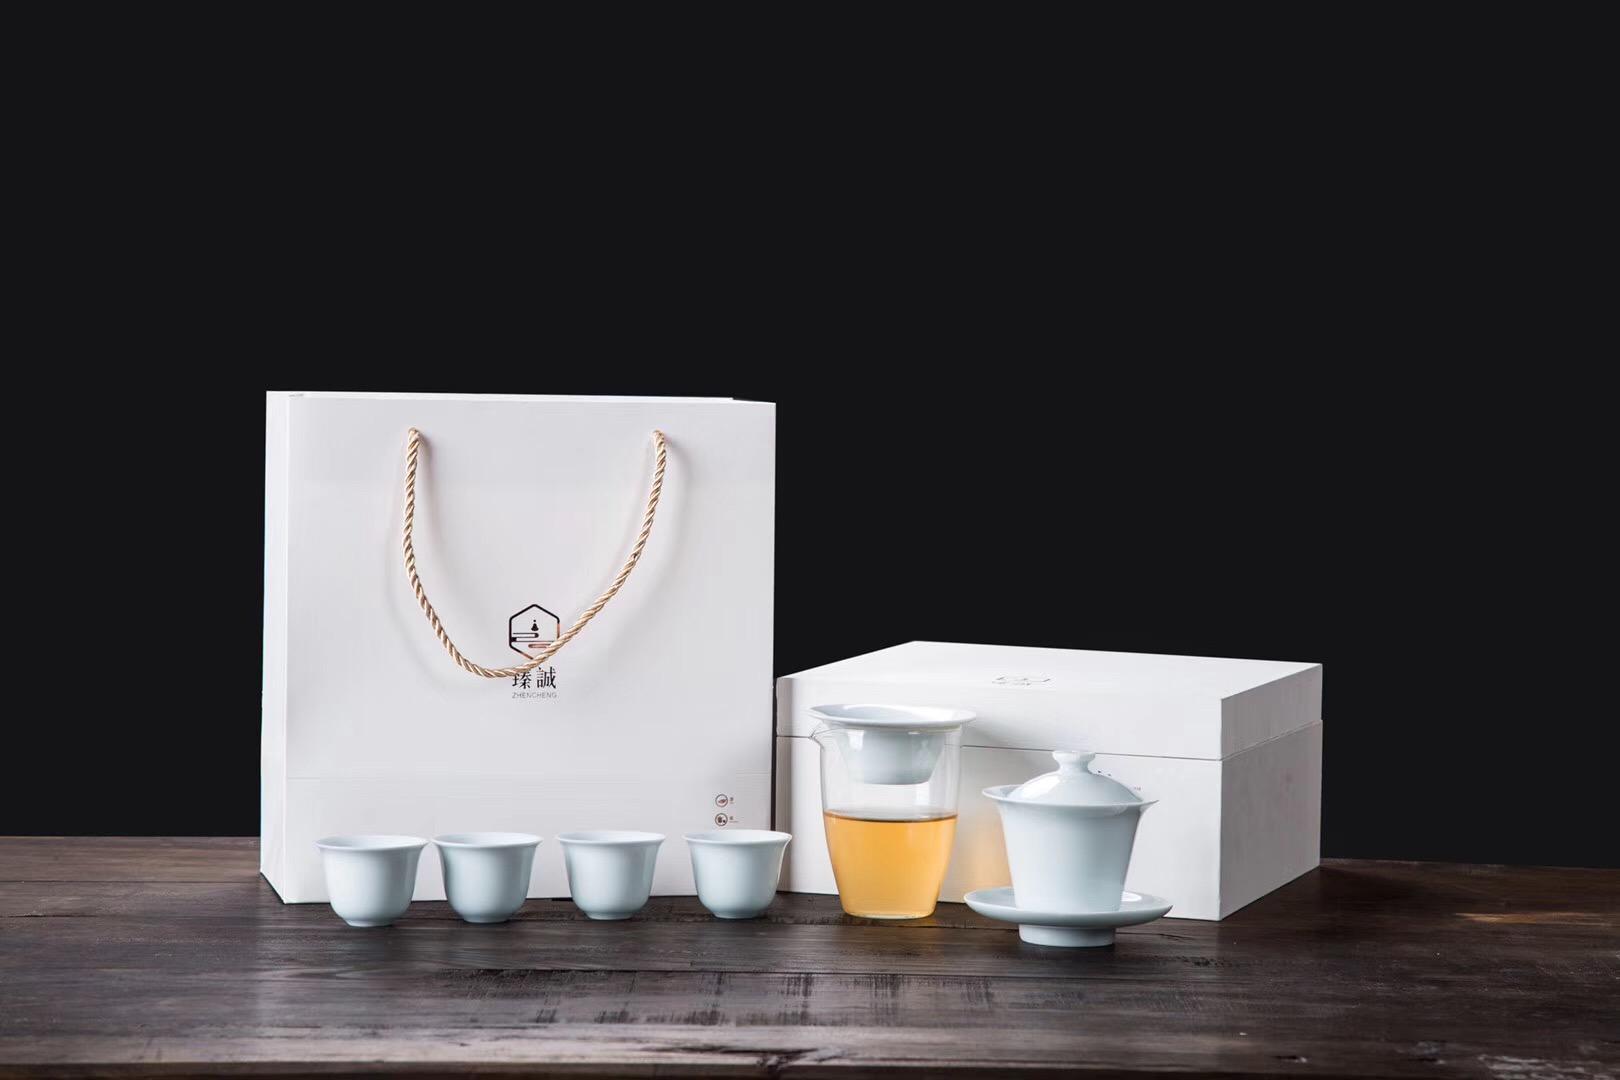 青瓷玻璃简约功夫茶具旅行套装简约家用日式三才盖碗茶杯礼盒送礼